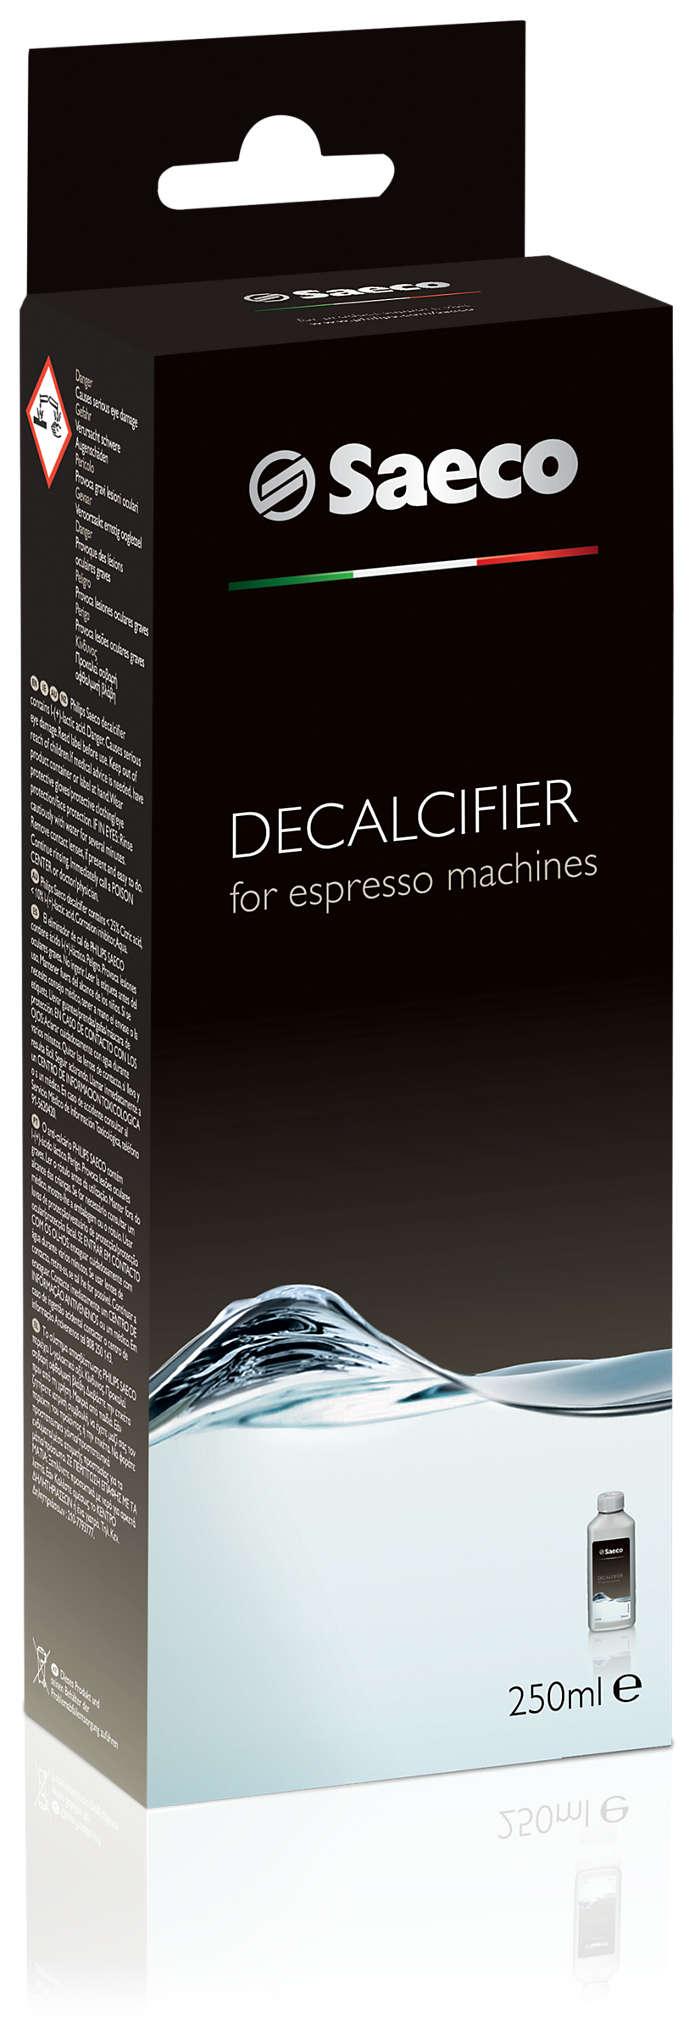 Perfekt skydd för espressomaskinen